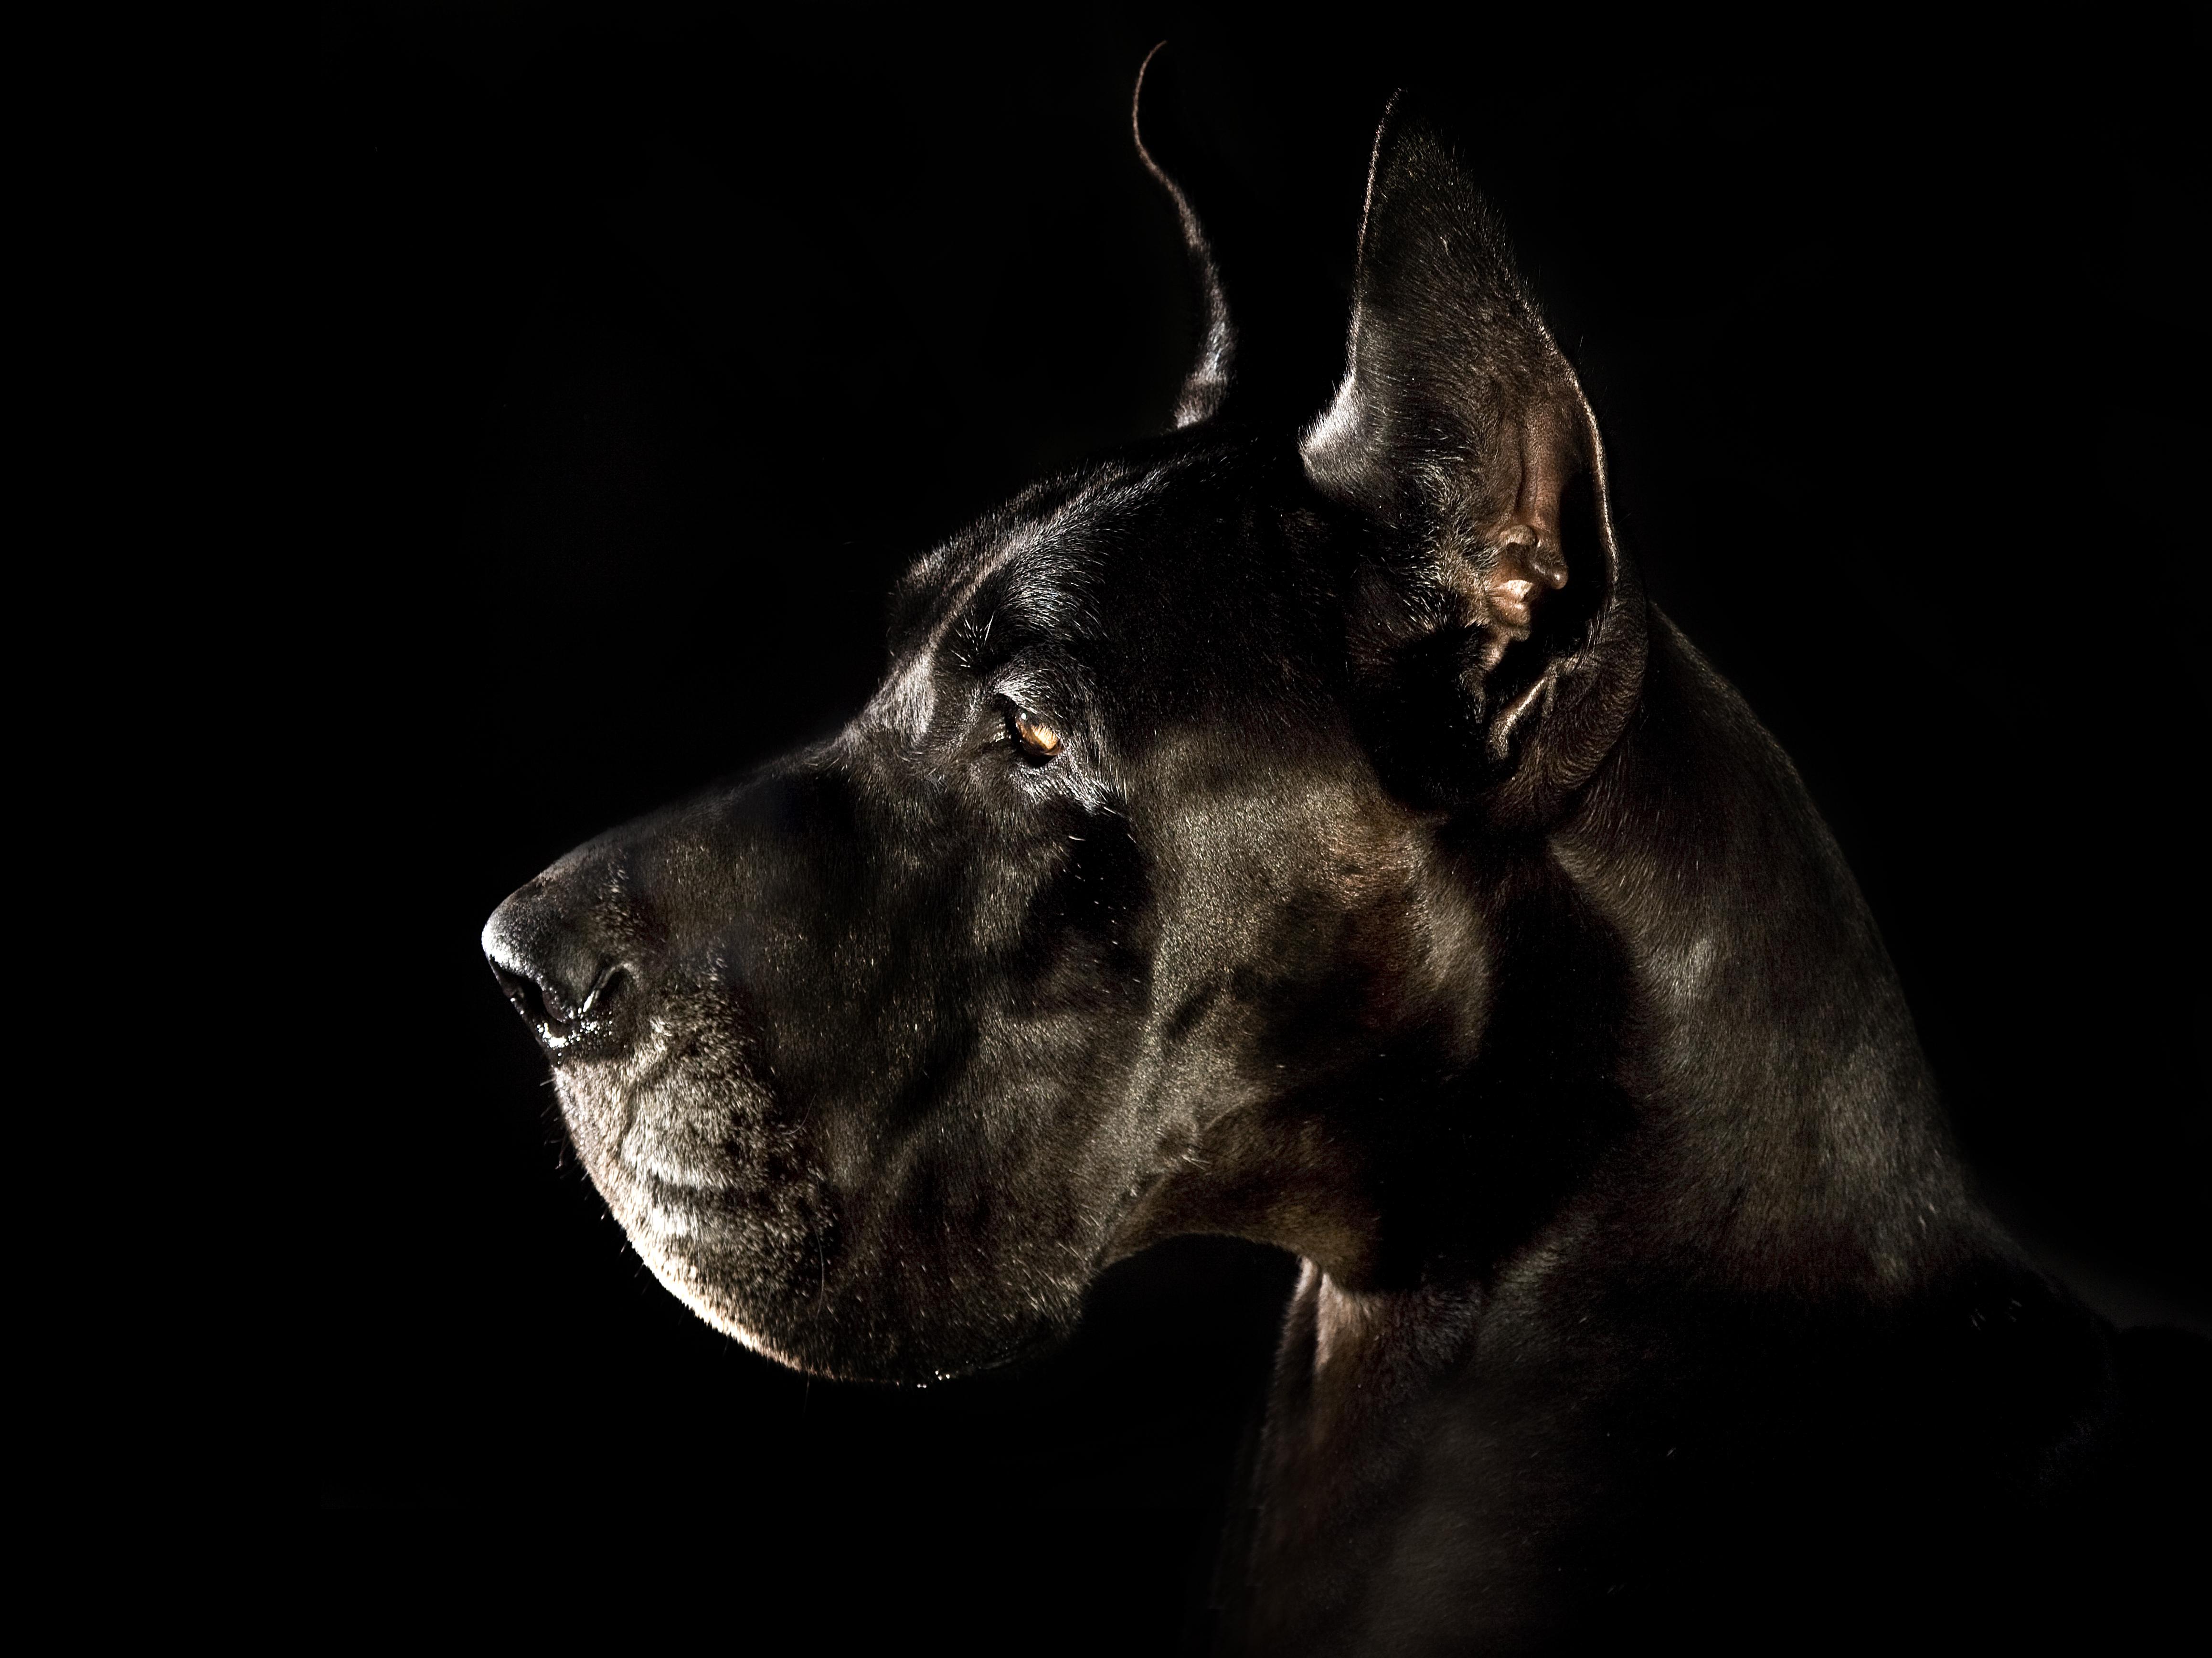 081-hundefotos-hundefotografie-hundebilder-hundeportraits-woelfe-caniden-hundefotograf-hundewelpen.h